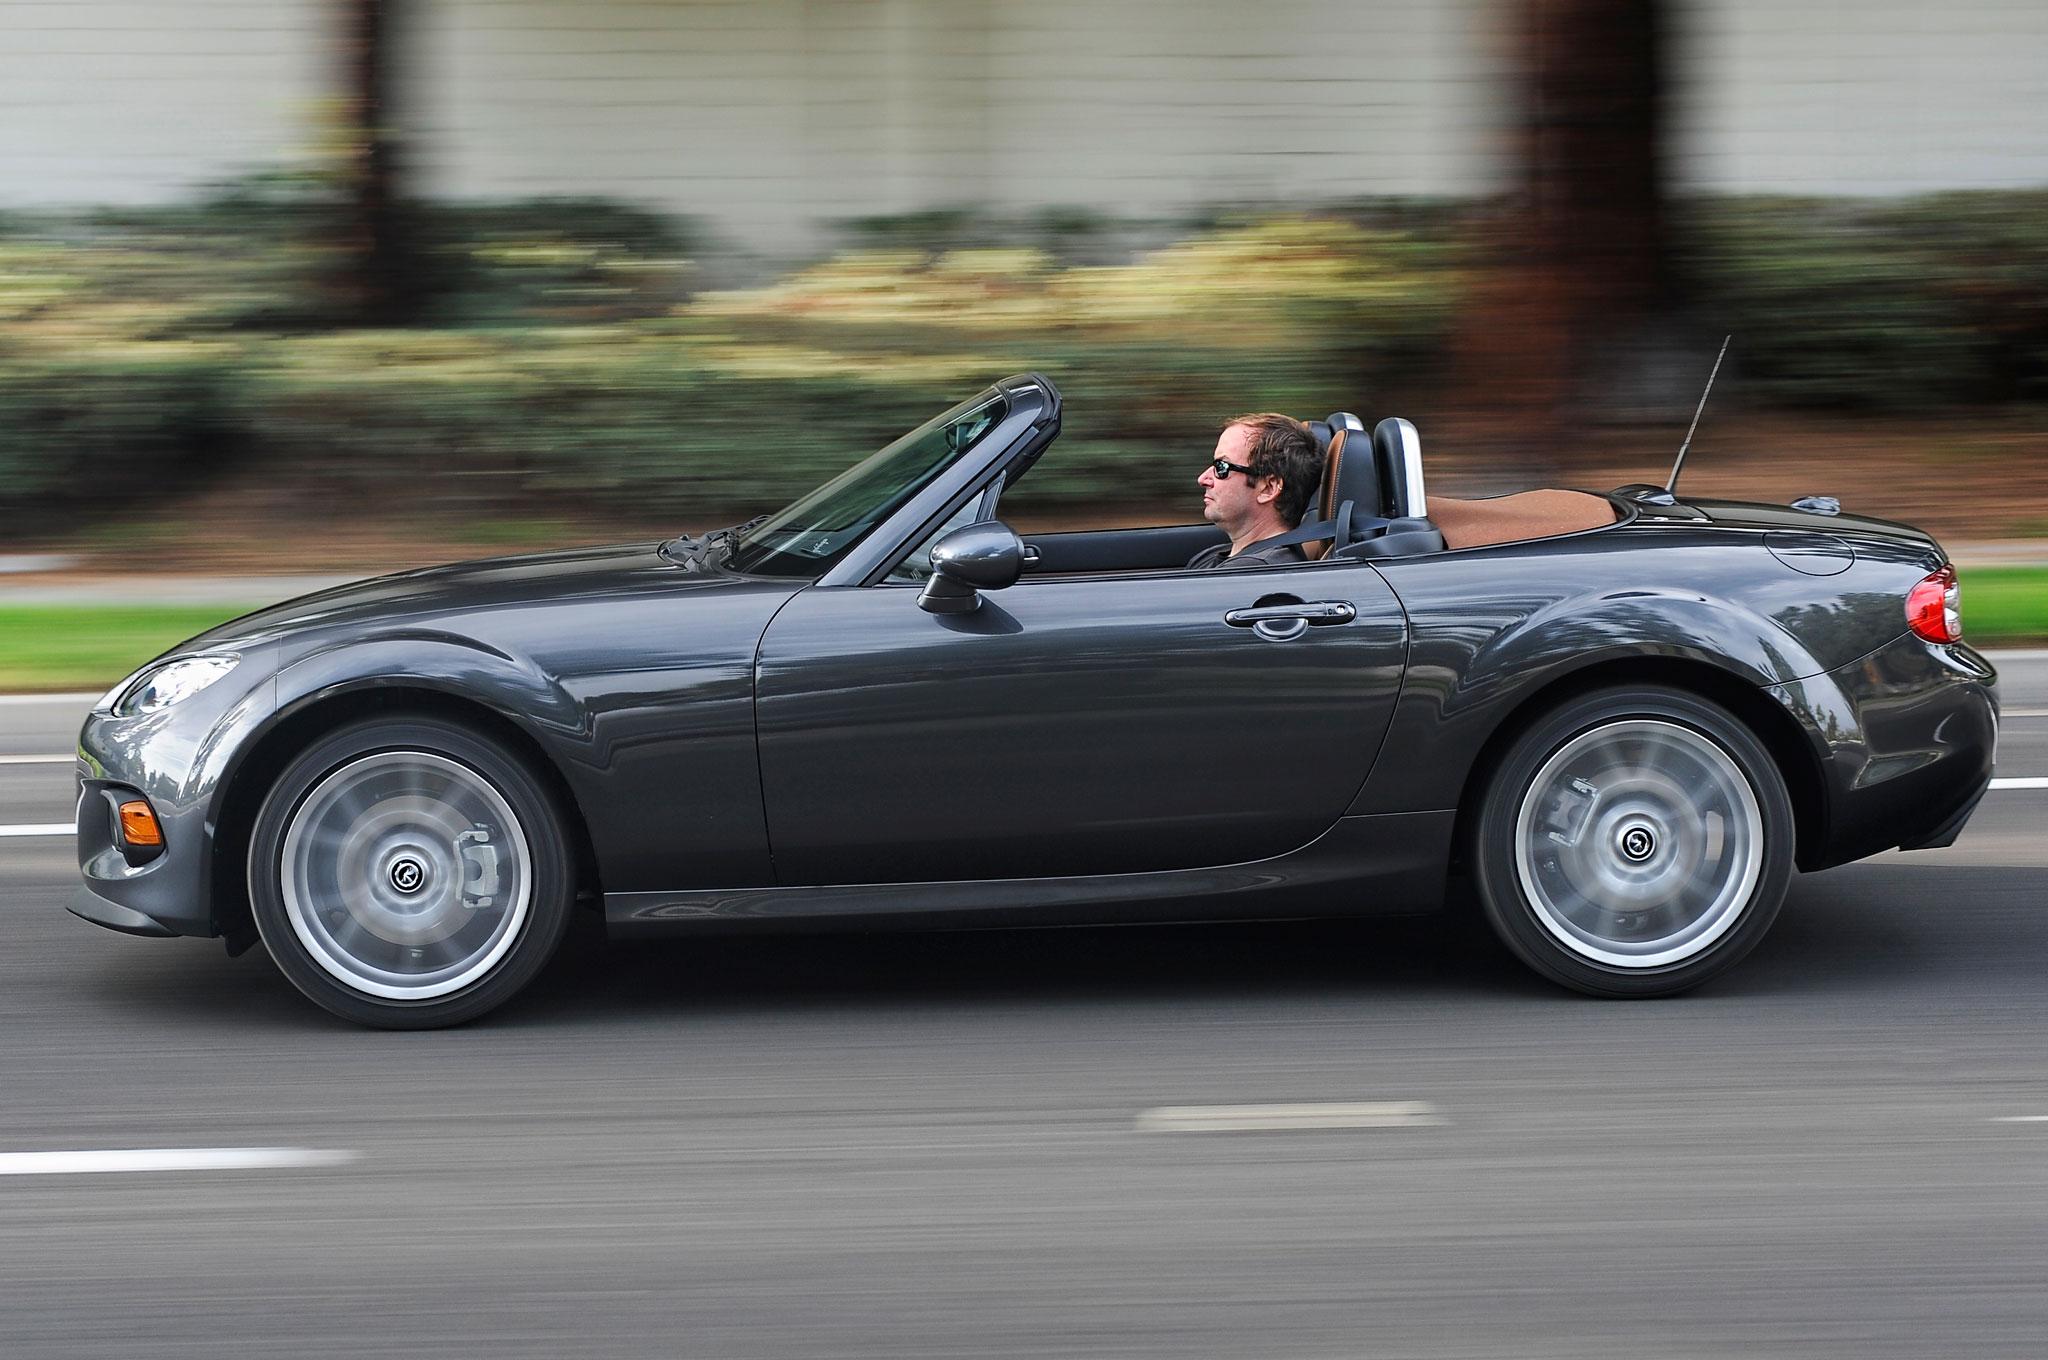 2015 car show greensboro nc autos post. Black Bedroom Furniture Sets. Home Design Ideas